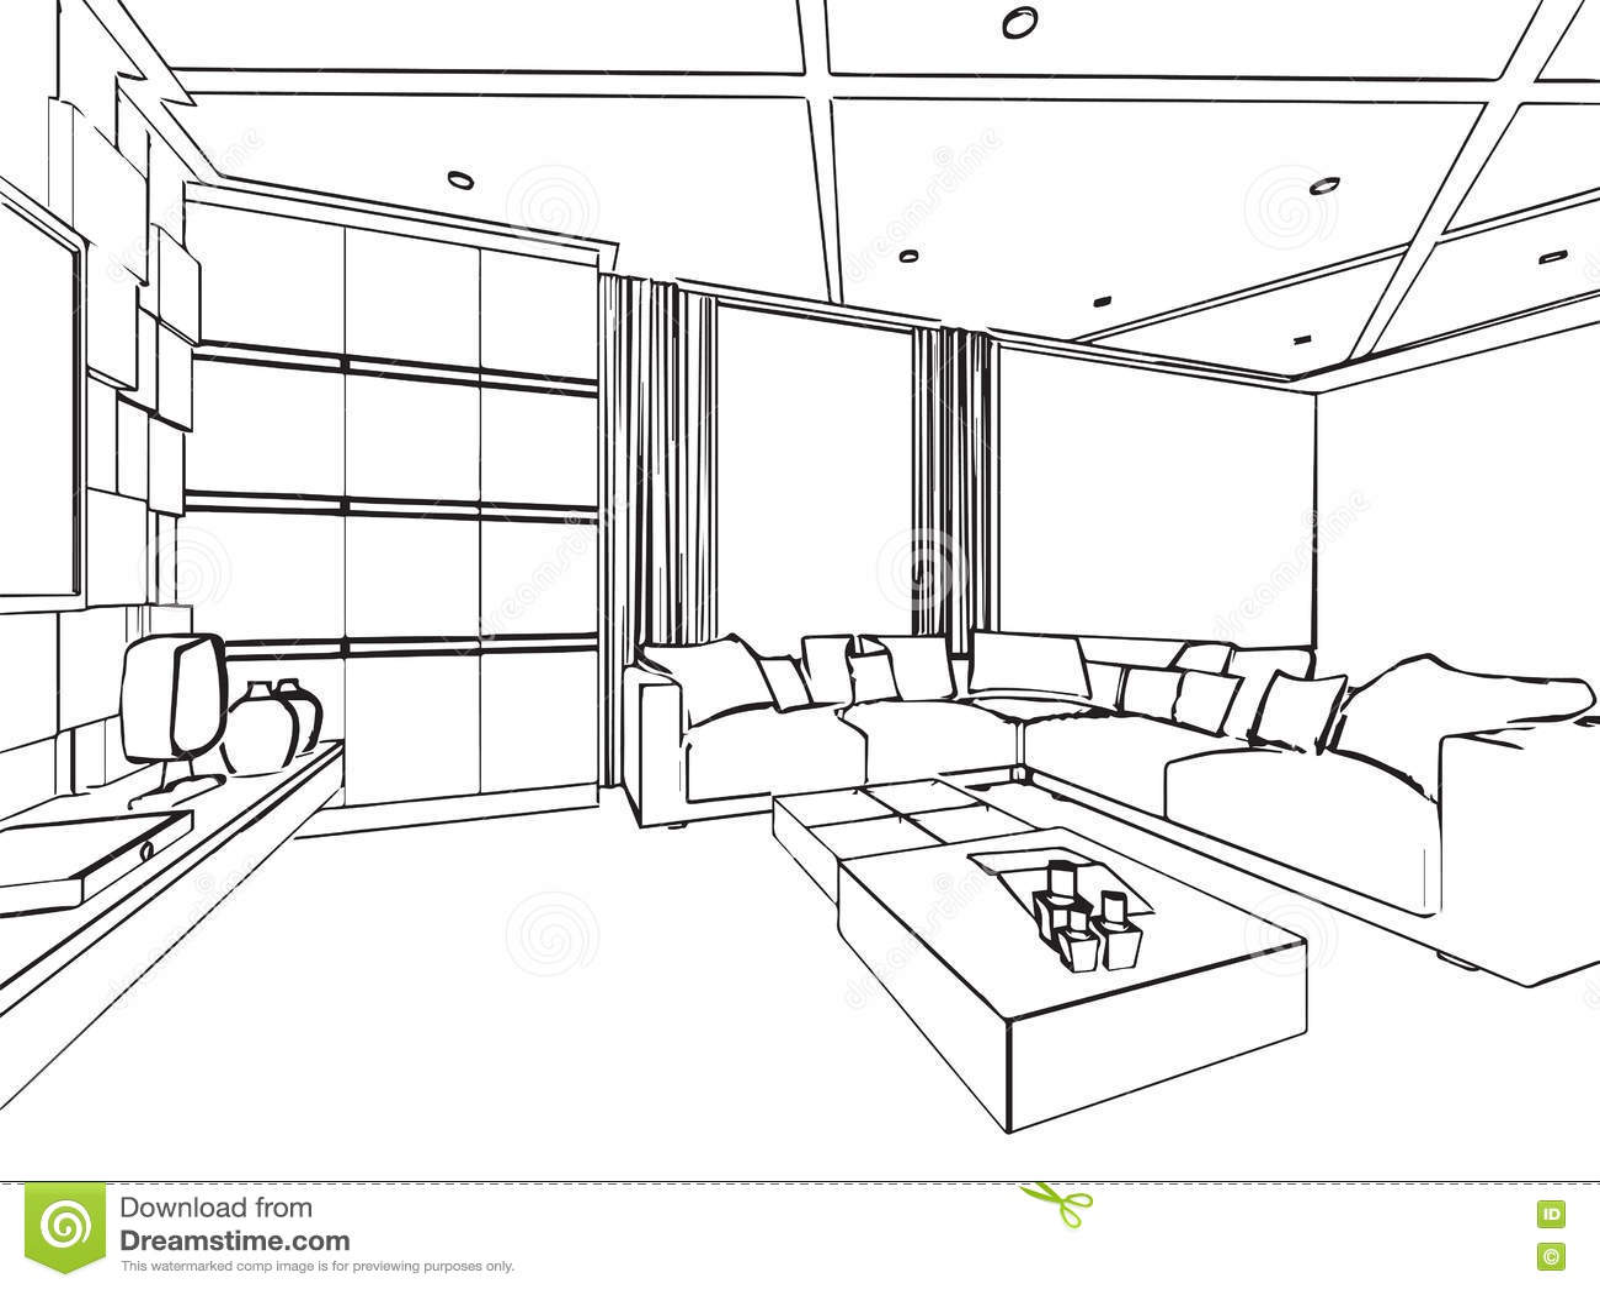 Cuisine perspective cuisine dessin dessin perspective for Dessins de conception de maison gratuits